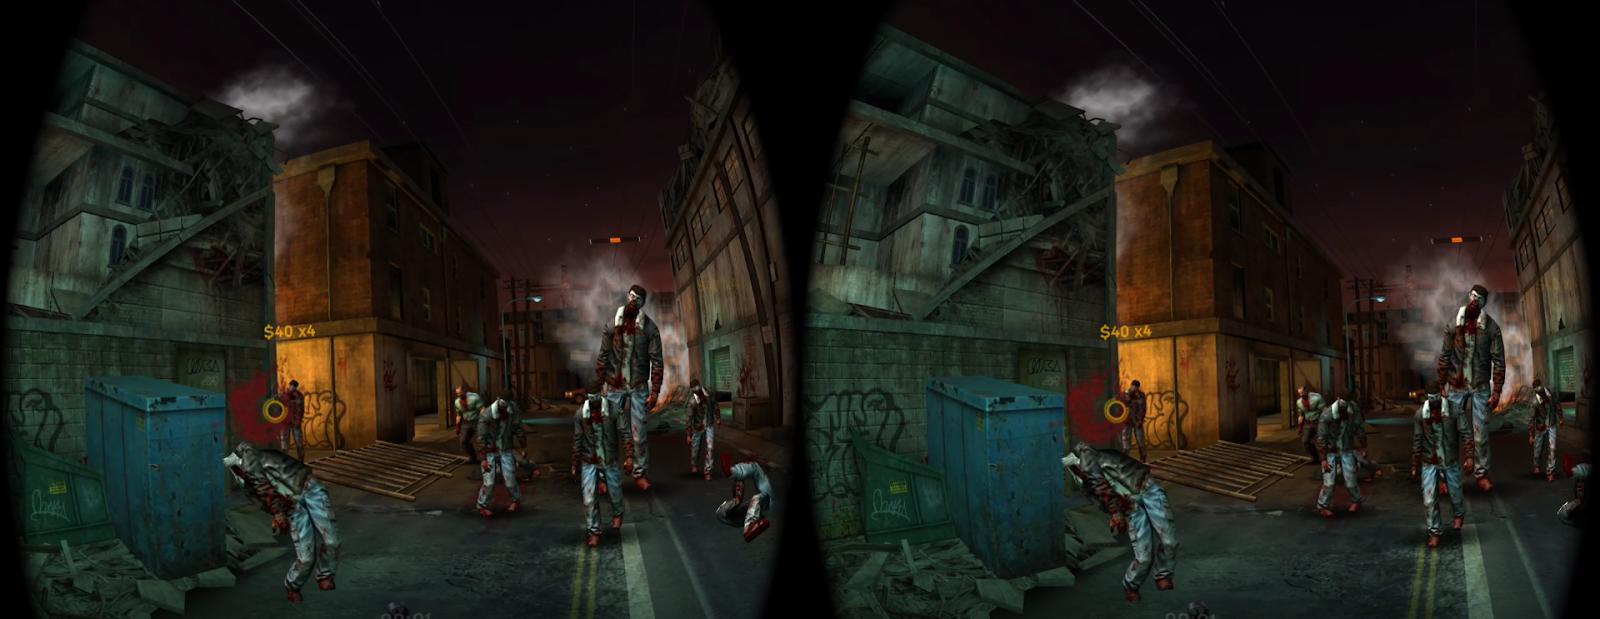 VNG Game Studios bật mí bản thử nghiệm Dead Target VR, lộ diện nhiều nội dung thú vị (7).png